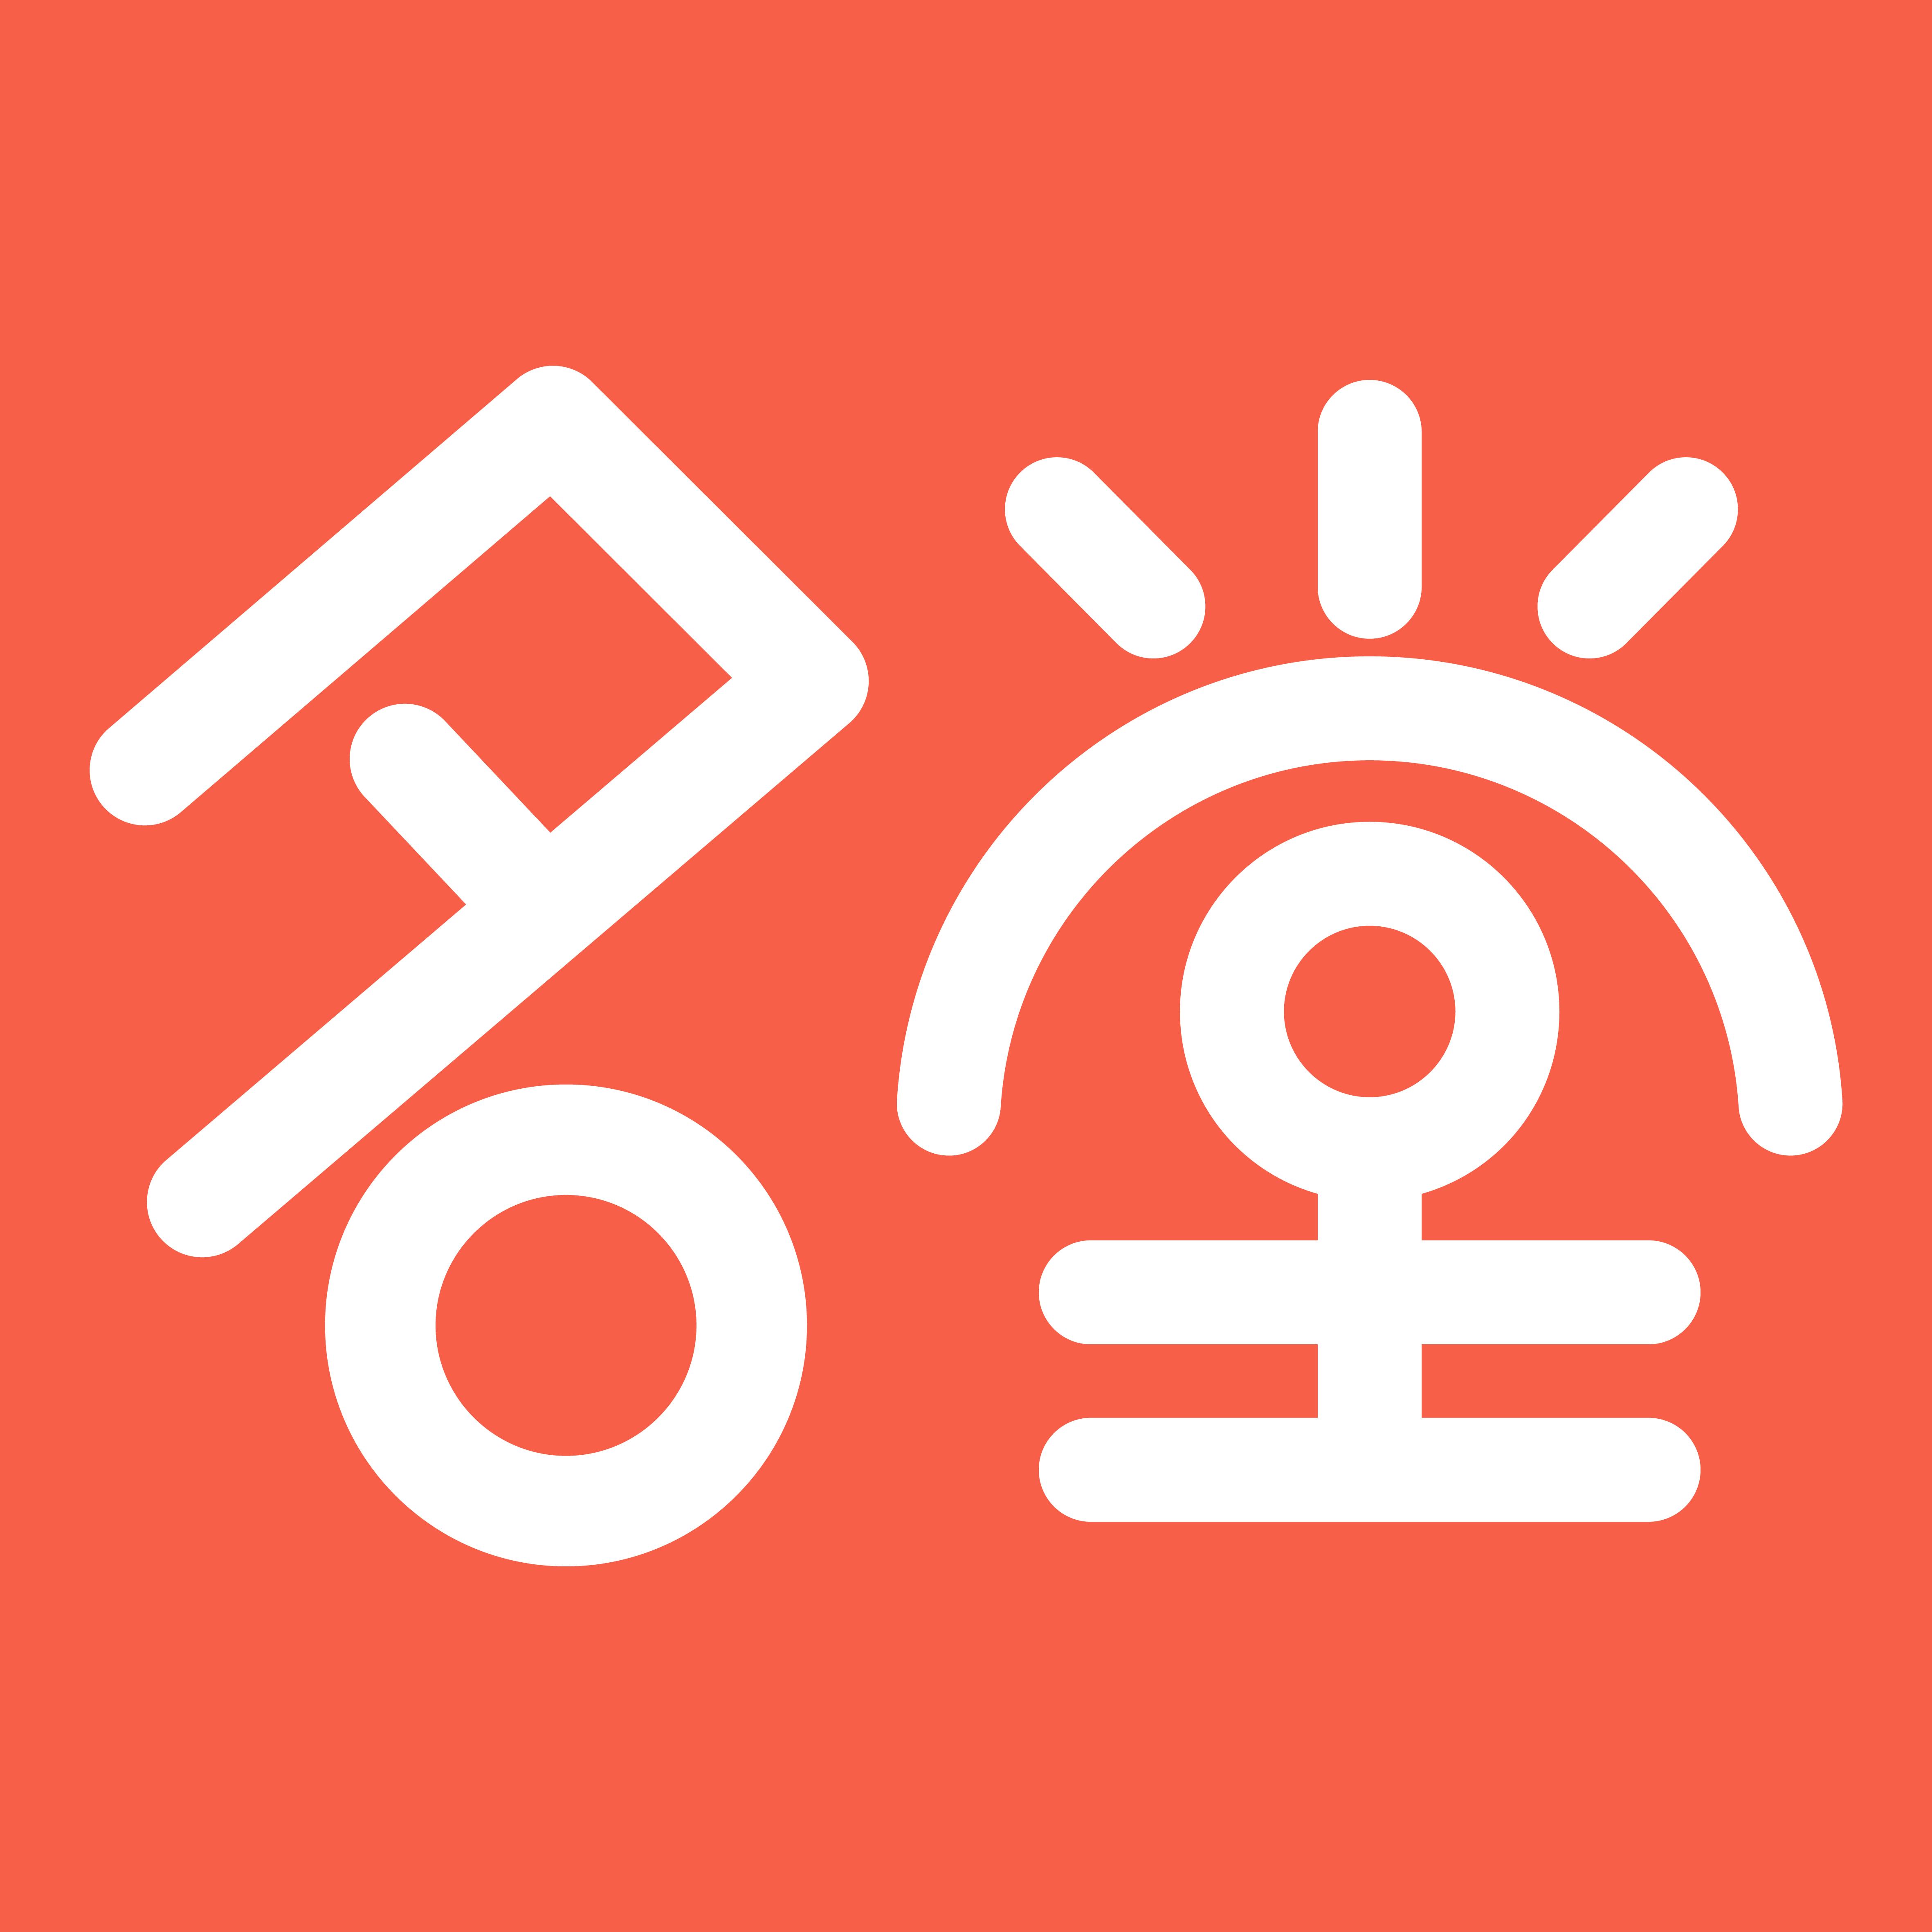 名堂-微信小程序